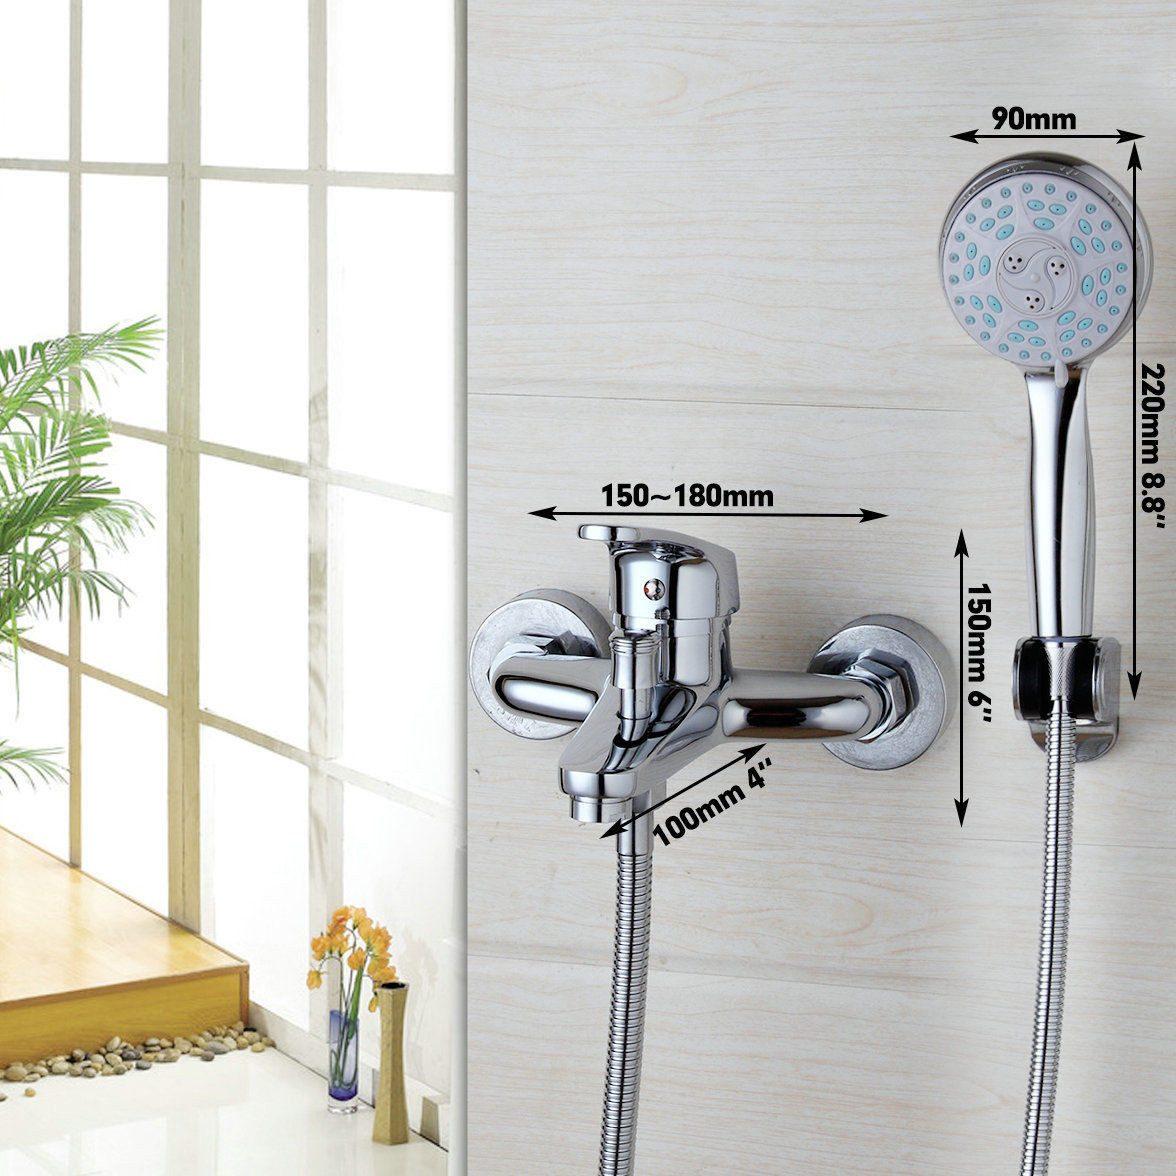 Llave mezcladora grifo con regadera telefono muro para for Llave ducha telefono